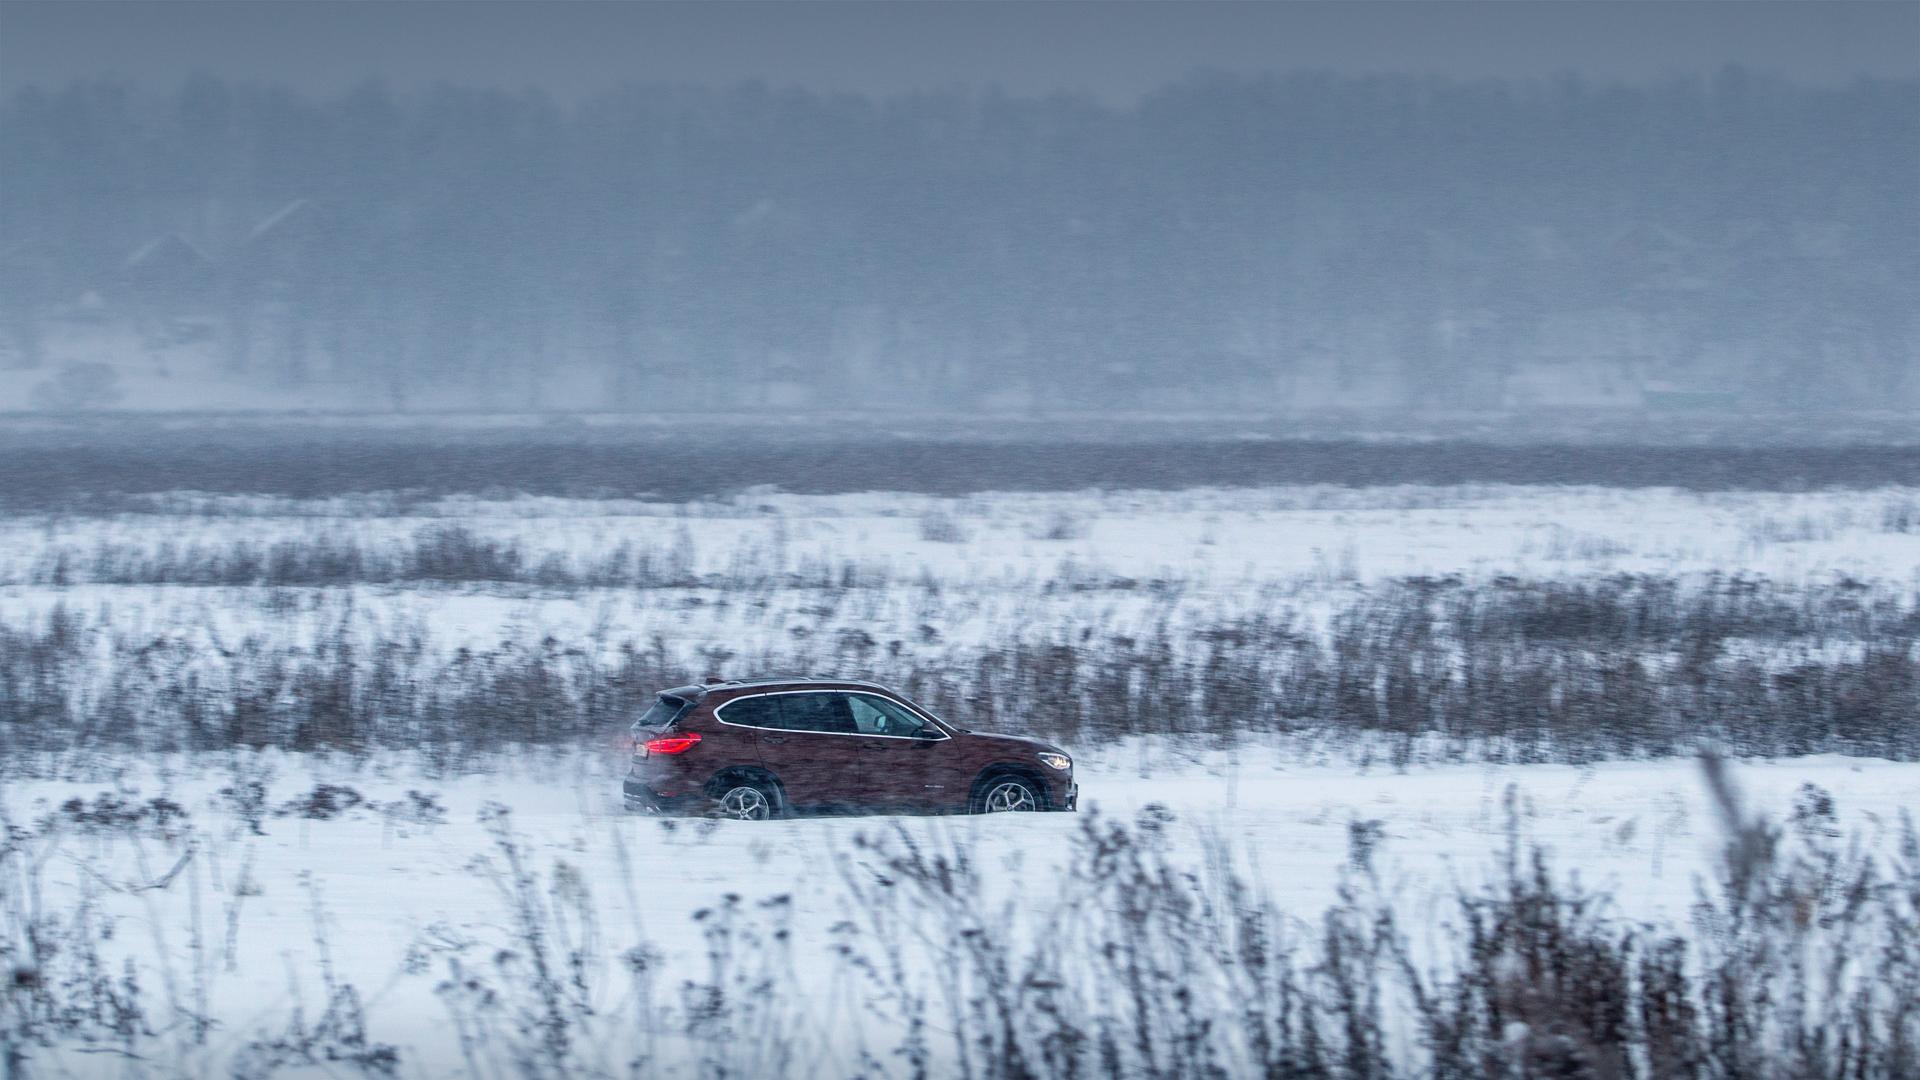 Длительный тест BMW X1 с дизелем: итоги и стоимость владения. Фото 5